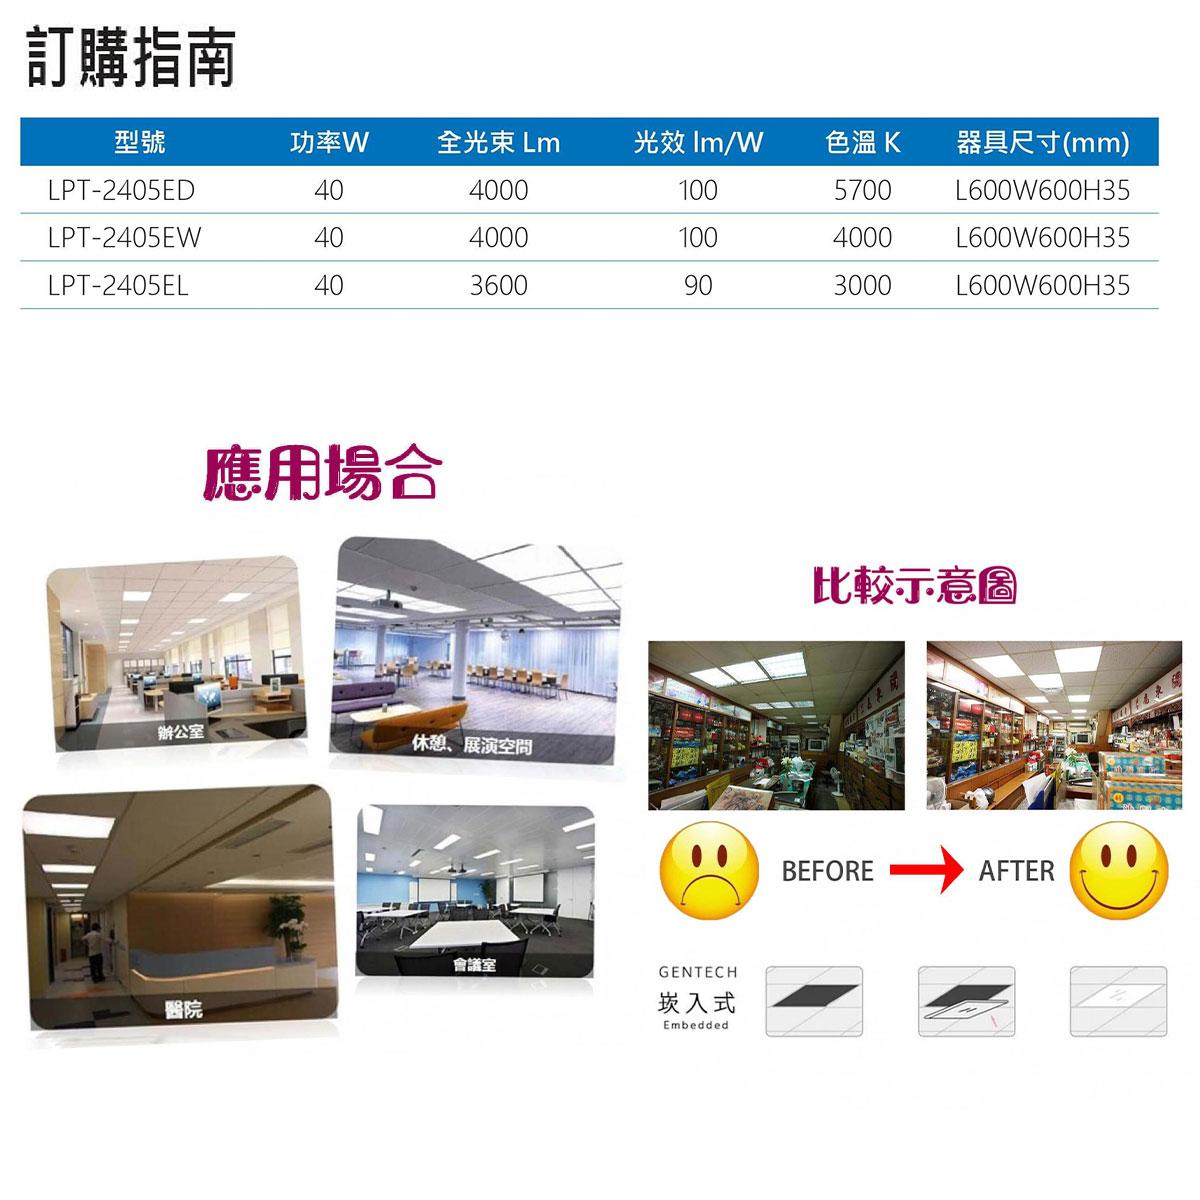 東亞 2X2 LED 直下式 平板燈 全電壓 40w 白光  〖永光照明〗 TO-LPT-2405ED